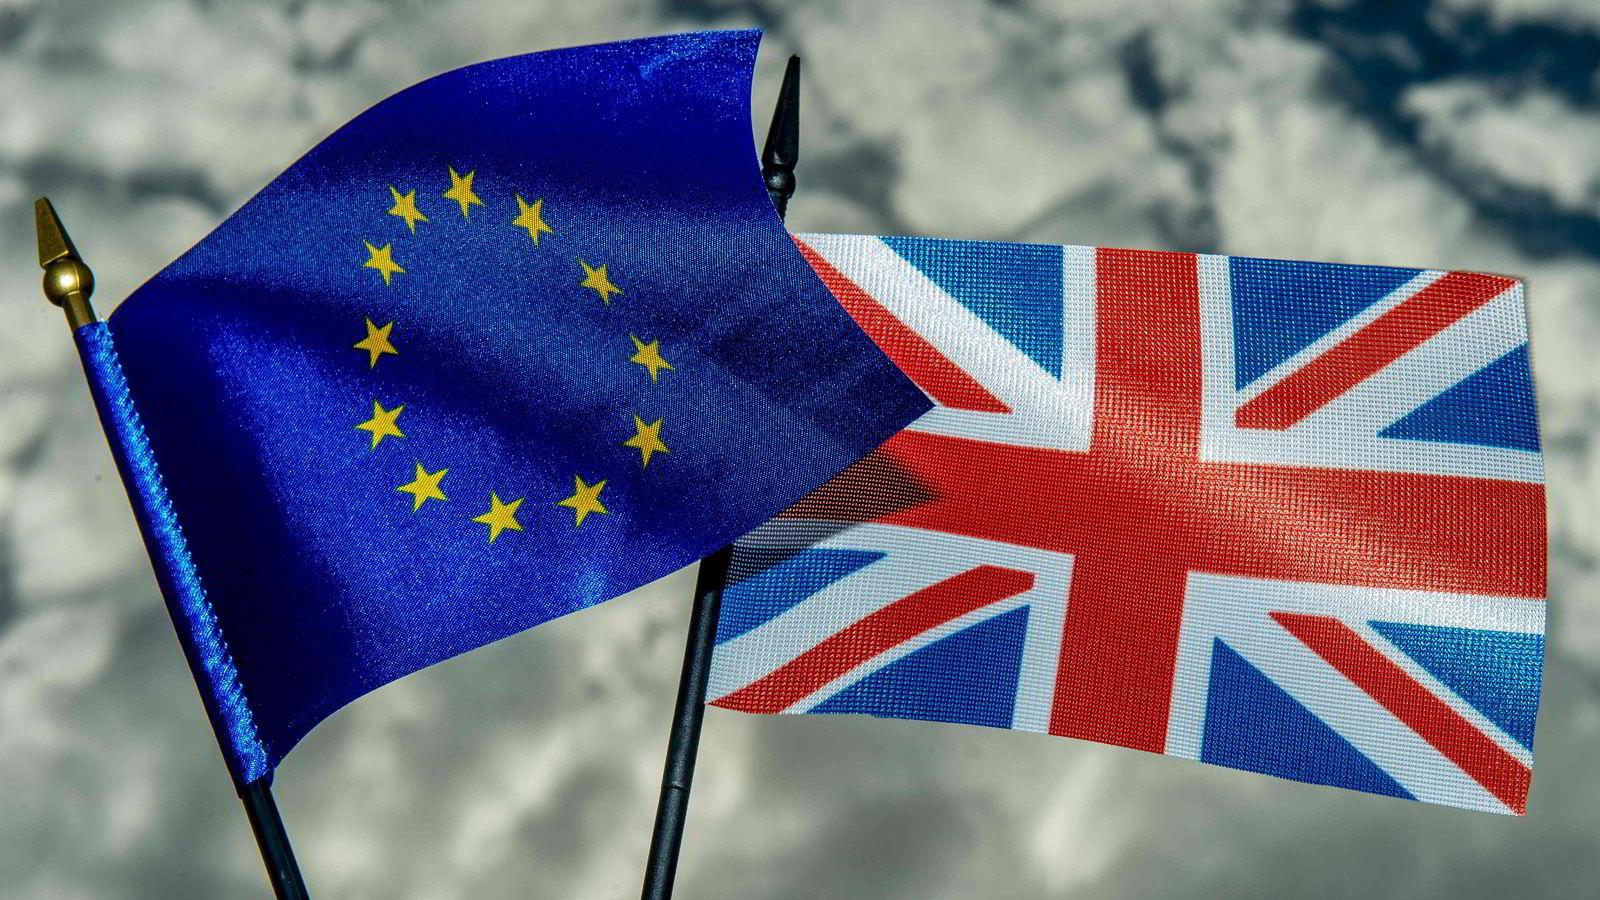 «Jeg er så trygg på at britene vil gjøre det rette og stemme for å bli i EU, at jeg vil vedde 1 million euro til veldedighet,» skriver Antanas Guoga i et brev til Farage. Foto: